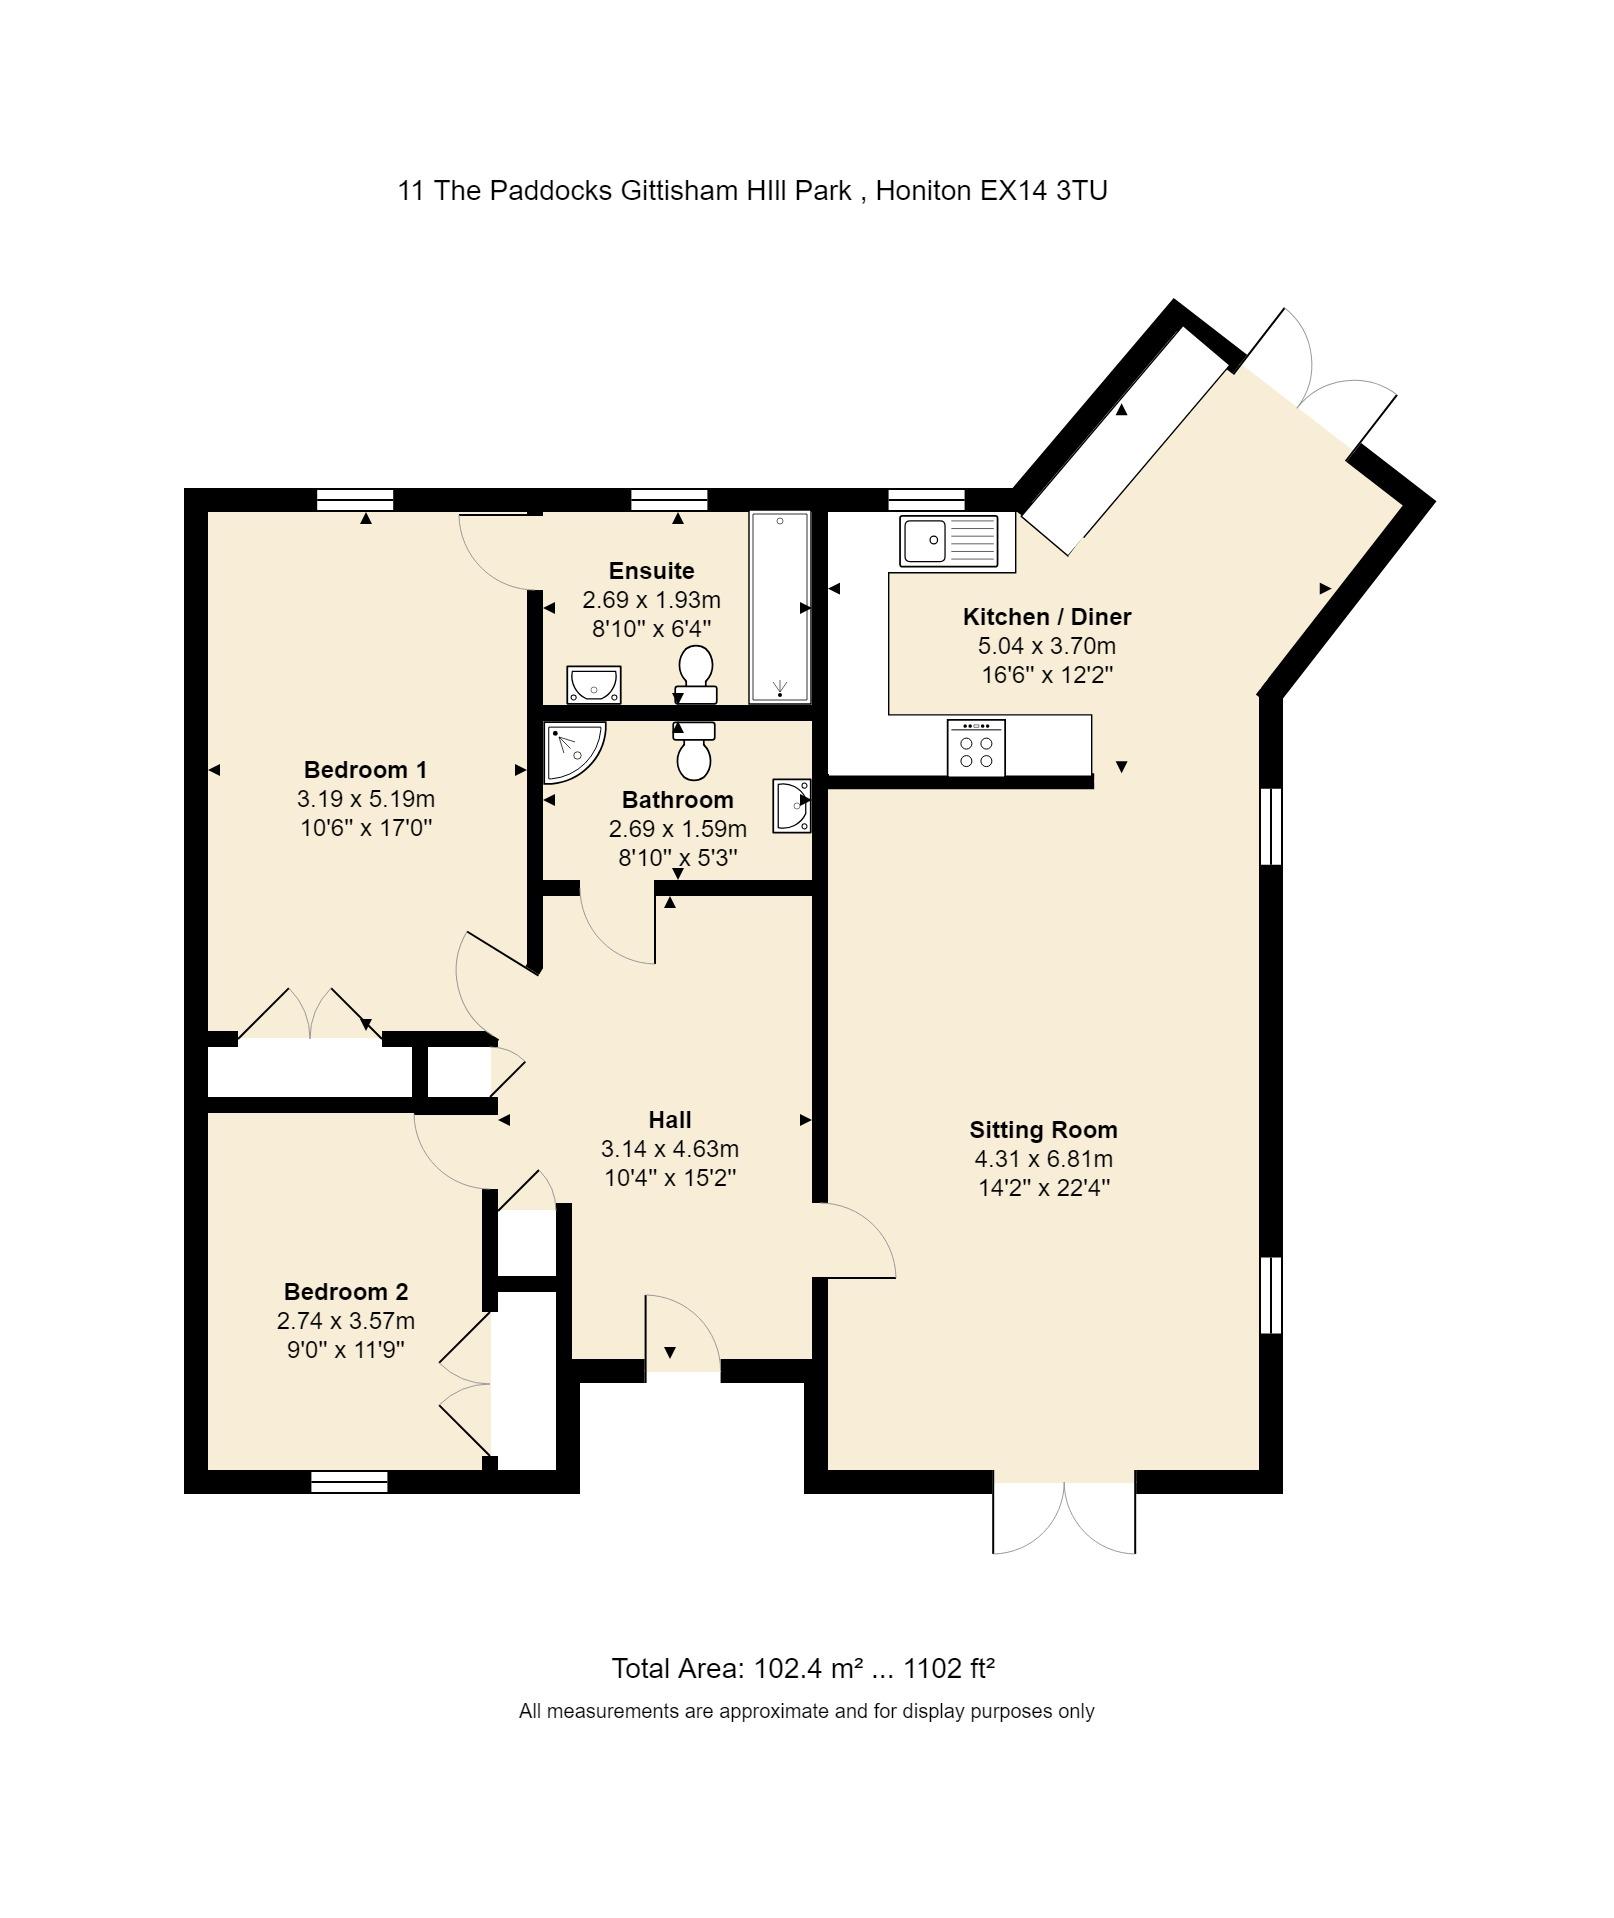 11 The Paddocks Floorplan